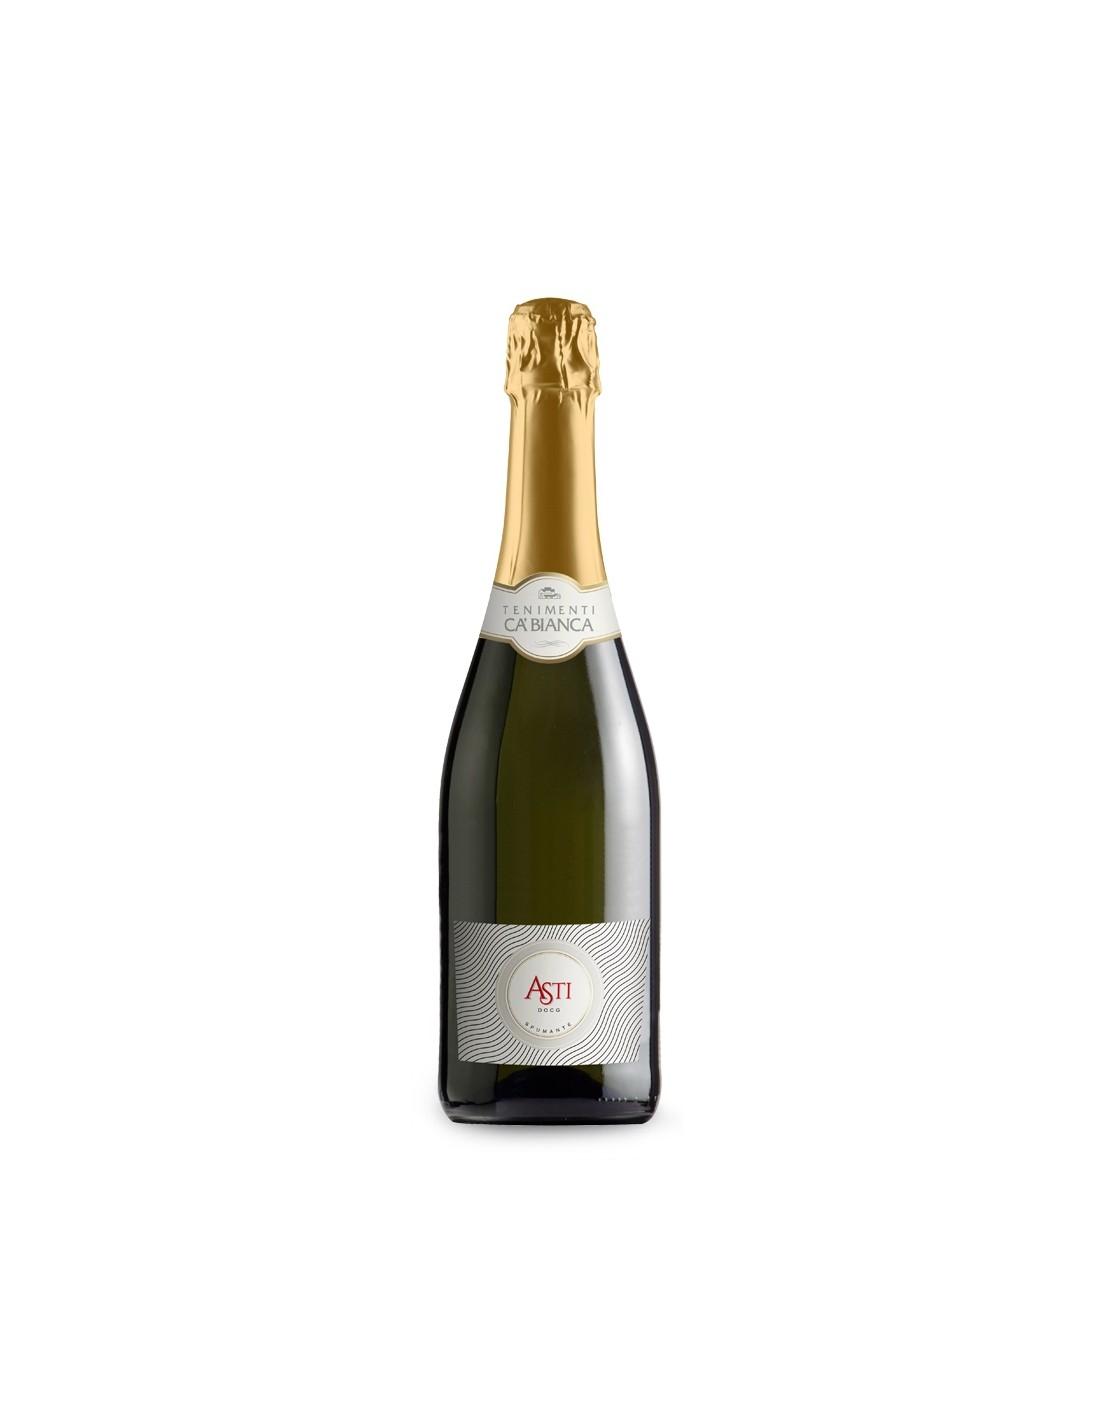 Vin spumant, Tenimenti Ca'Bianca Asti, 0.75L, 12% alc., Italia